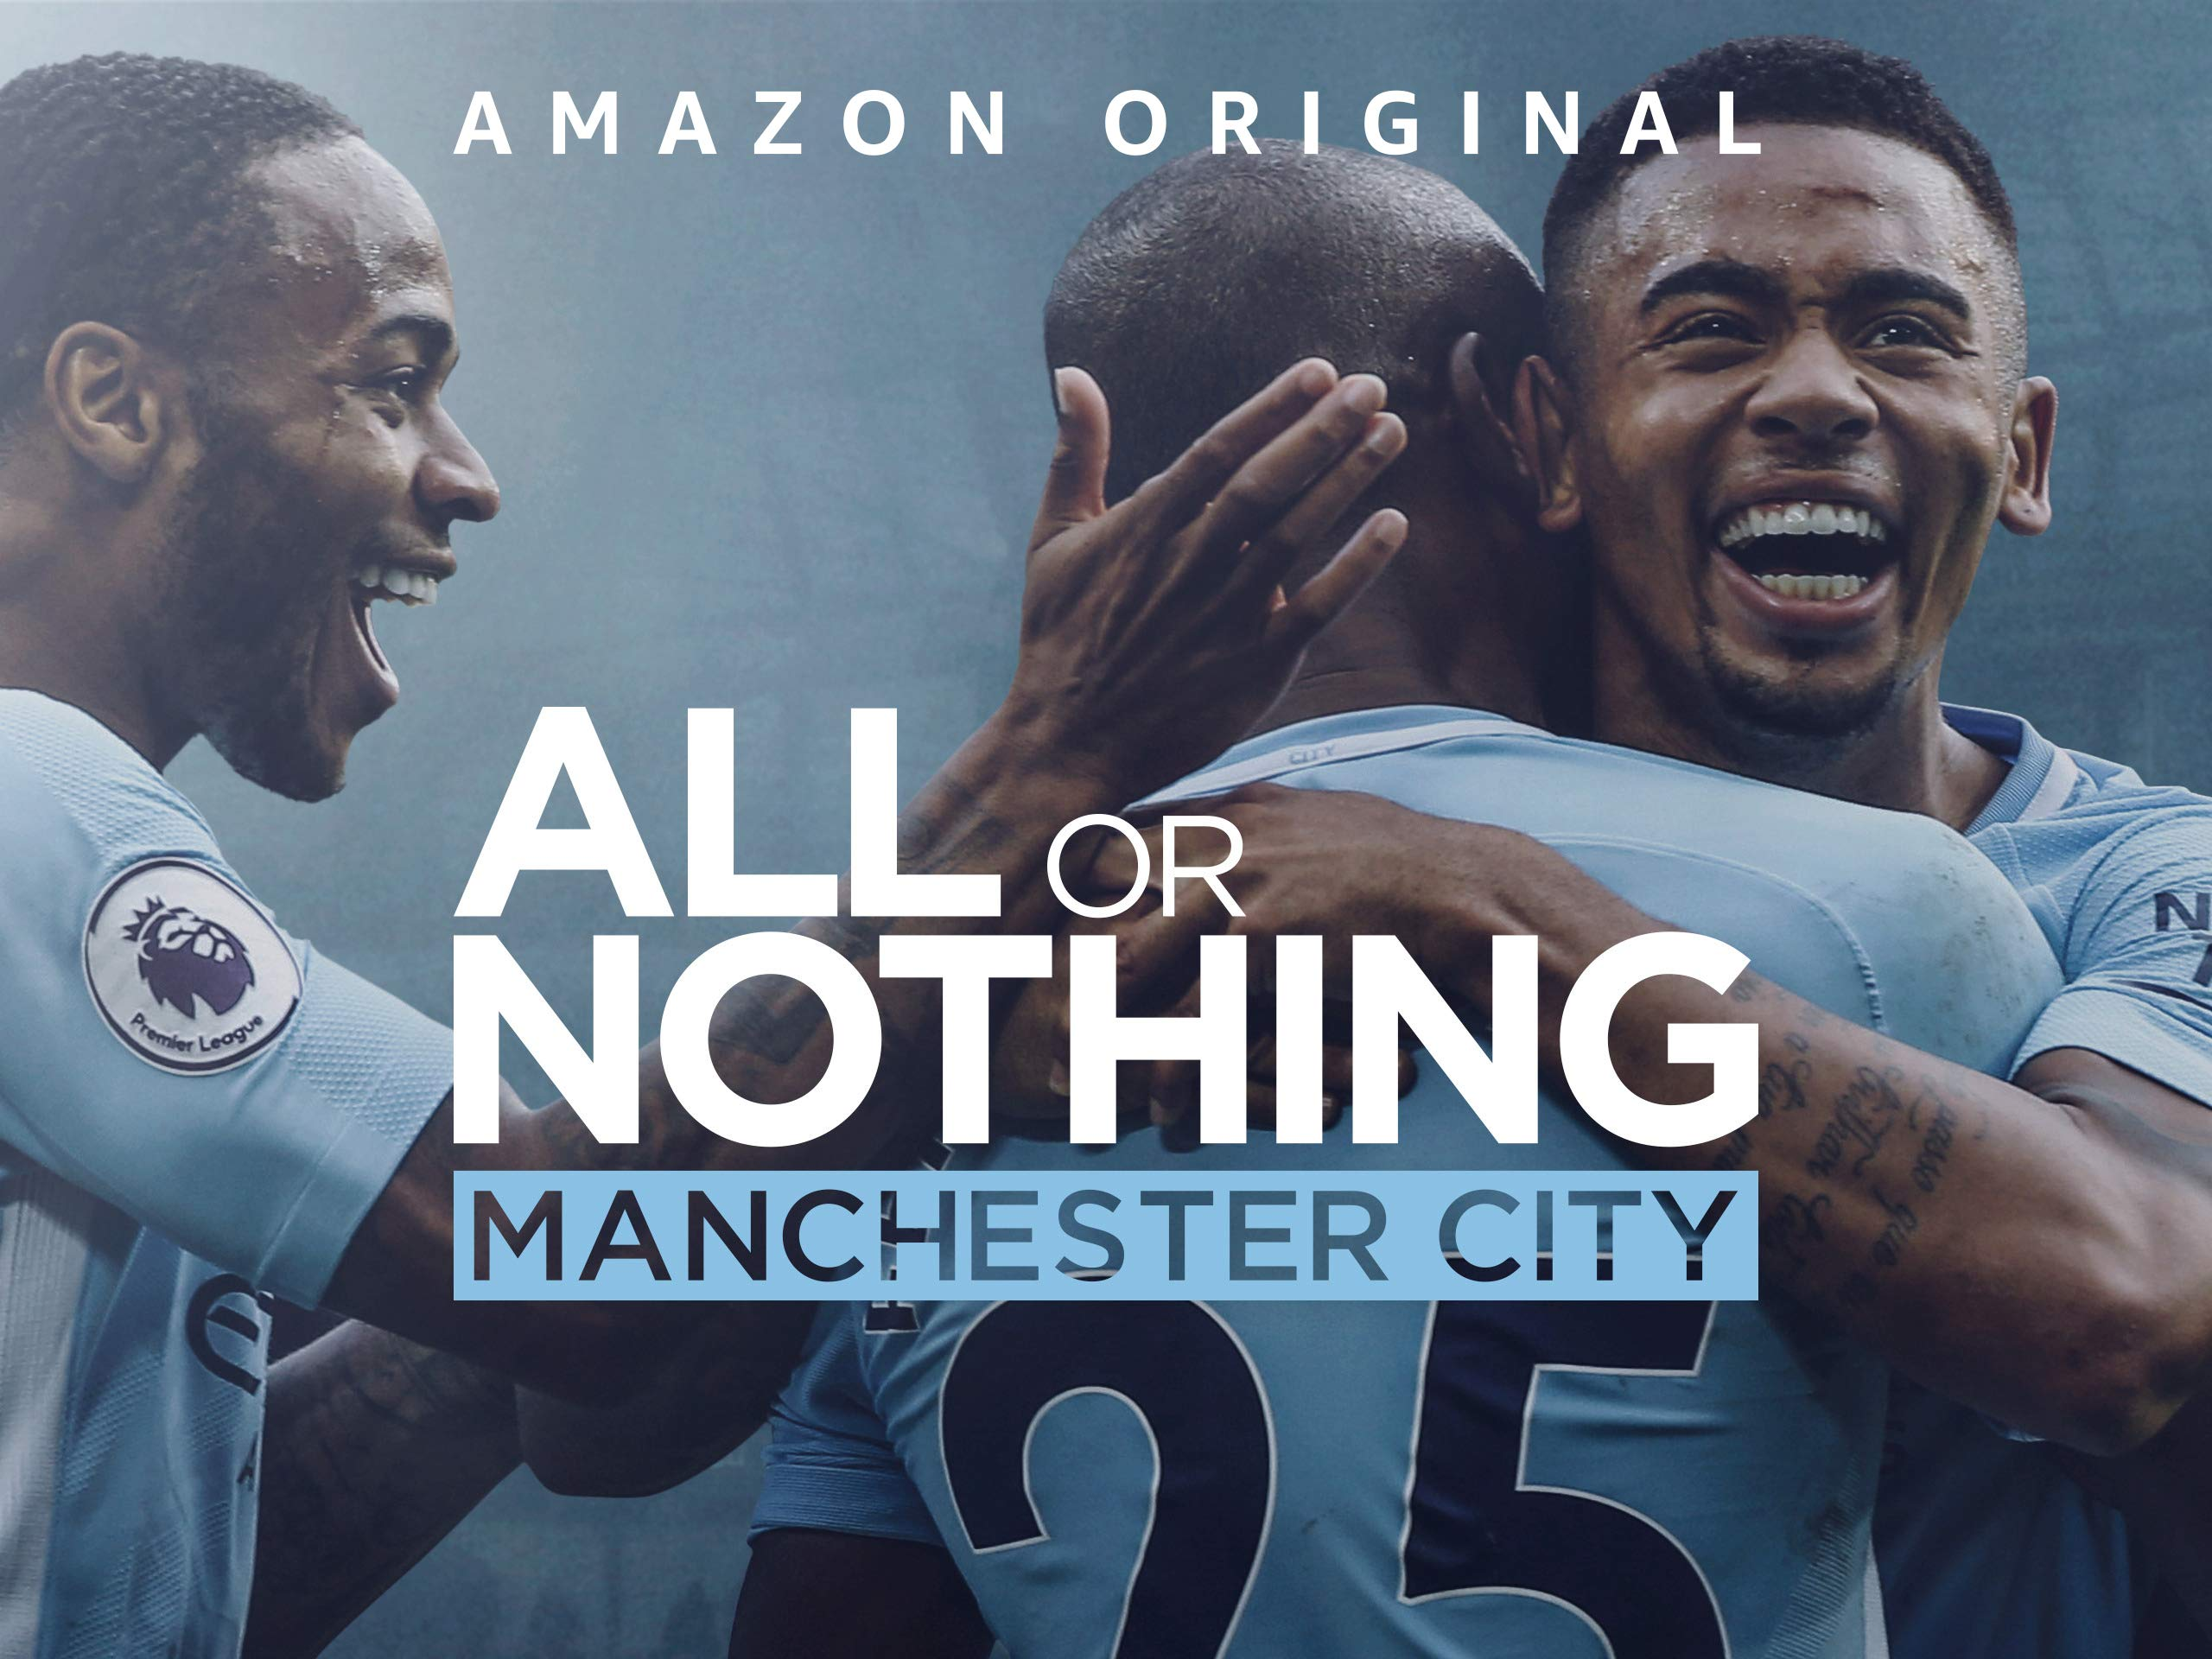 منچستر سیتی: همه یا هیچ (مستند)